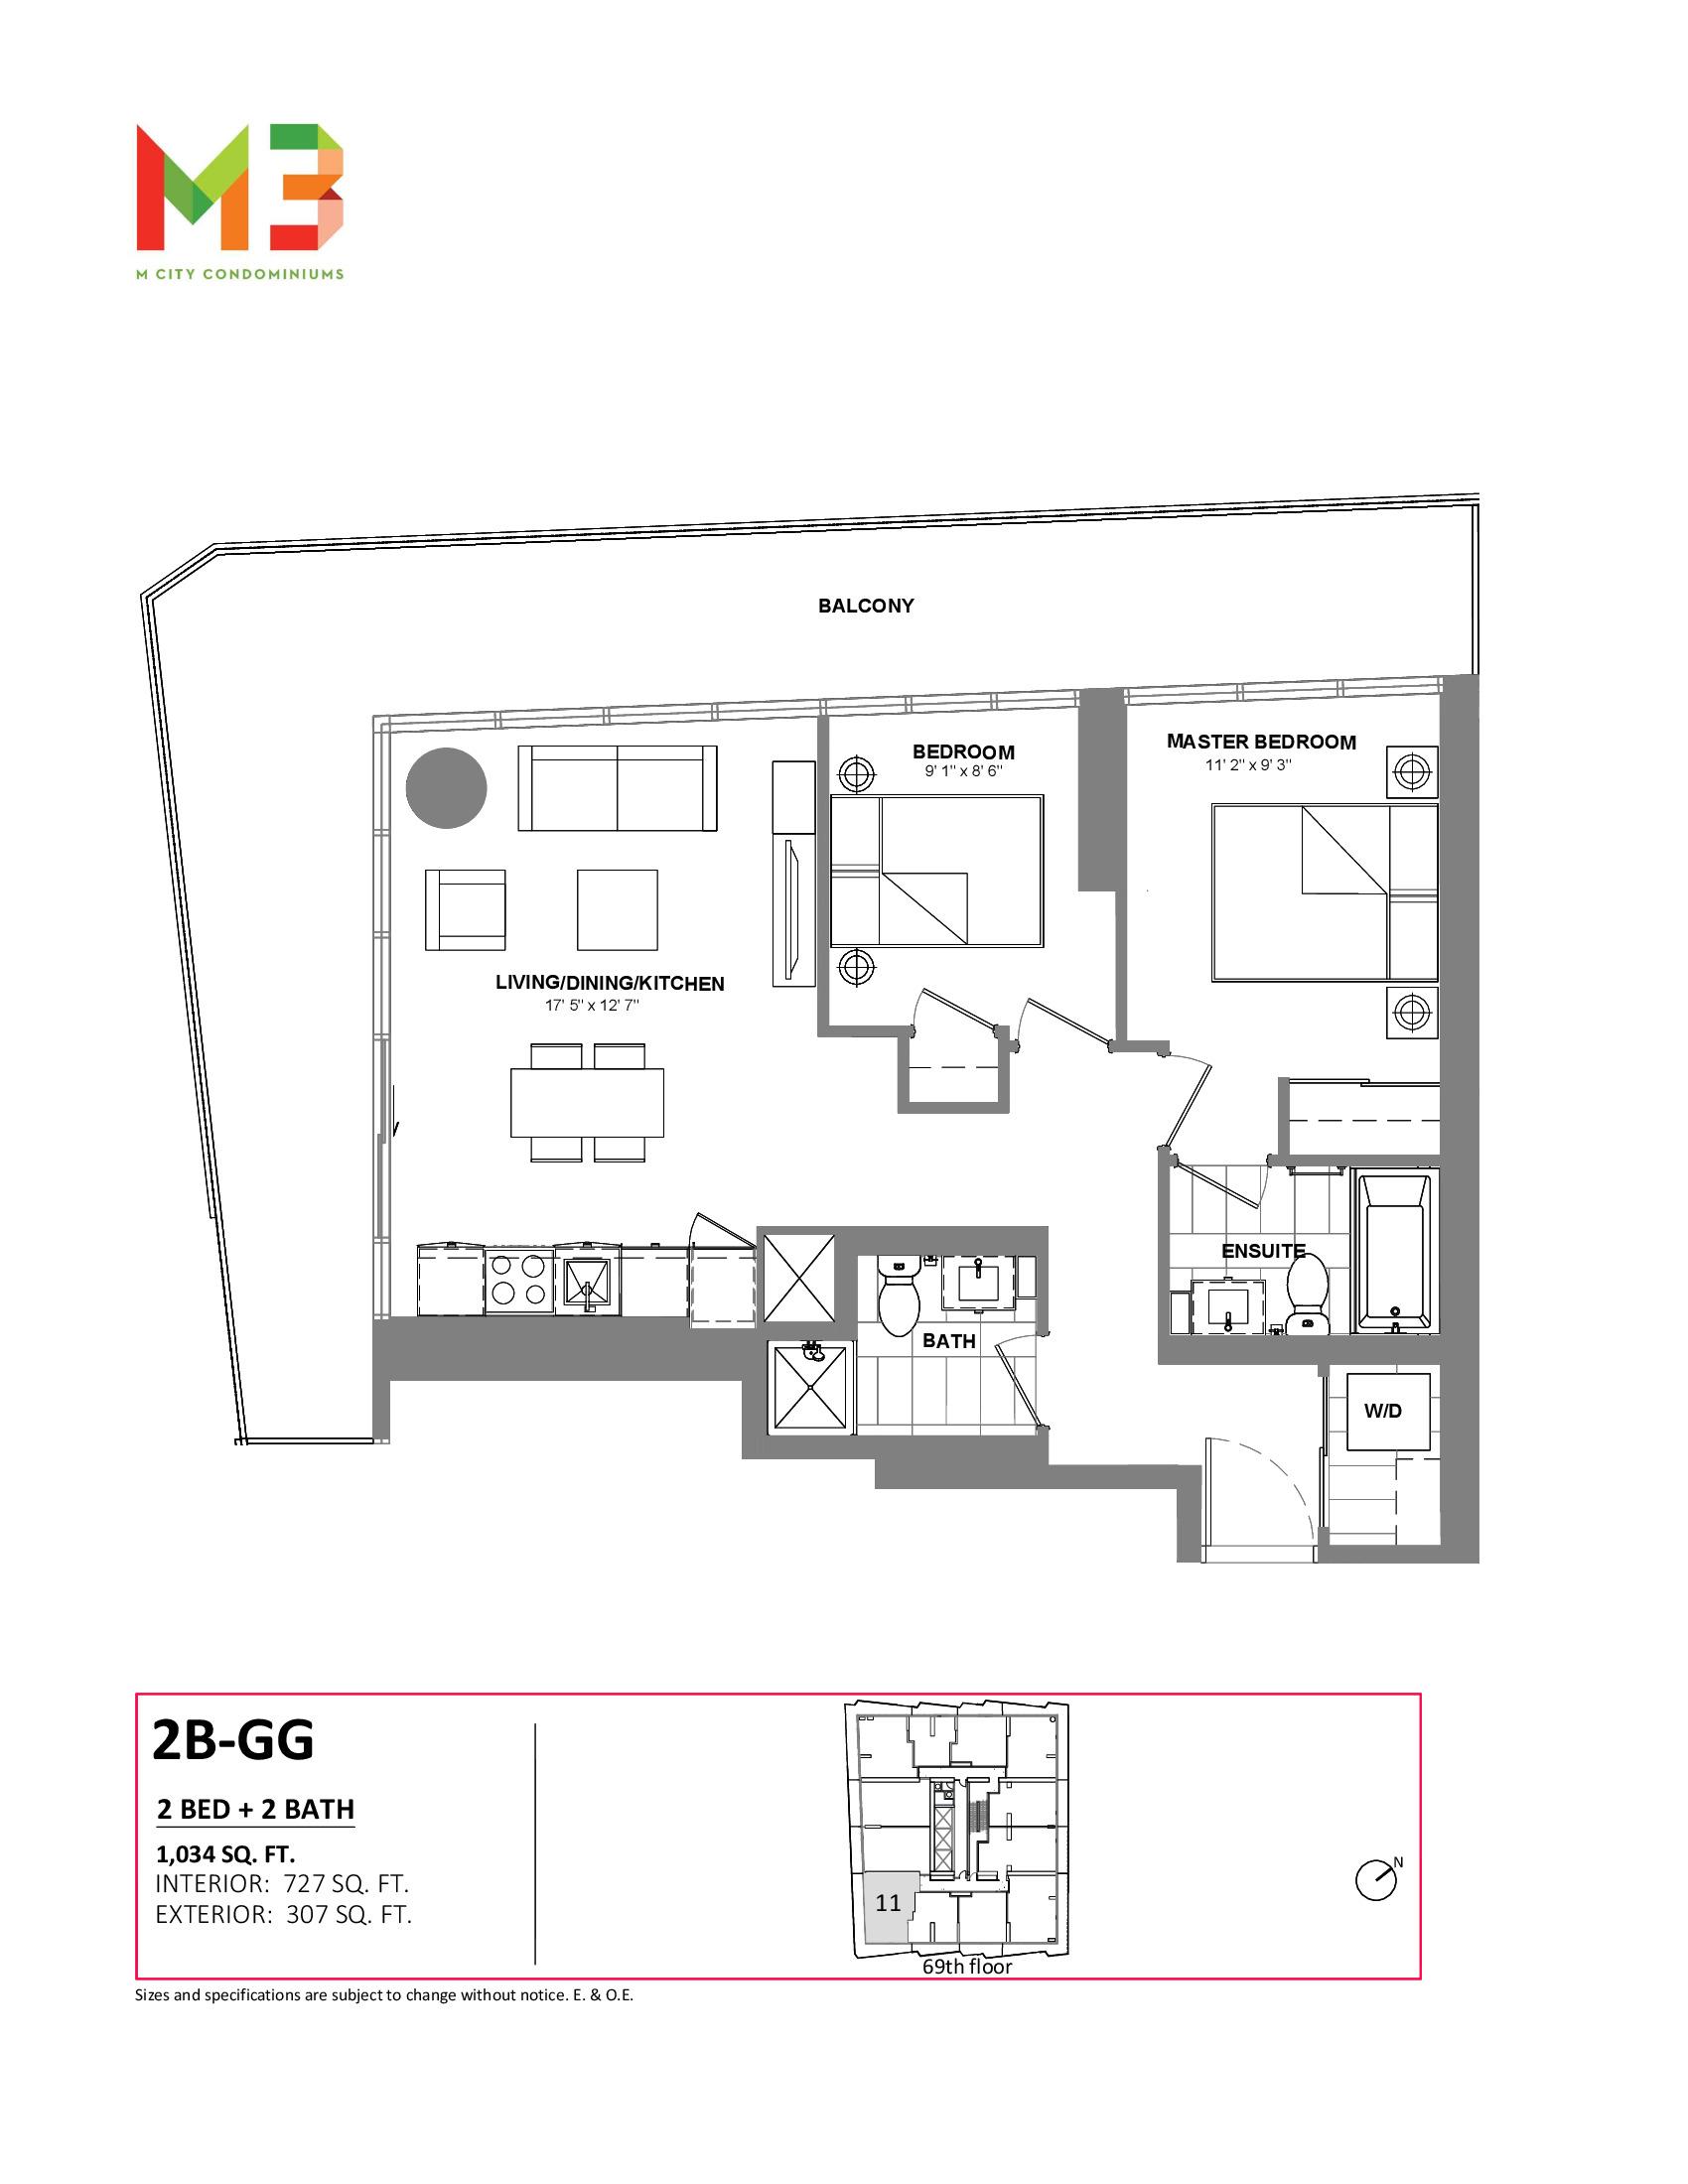 2B-GG Floor Plan at M3 Condos - 727 sq.ft